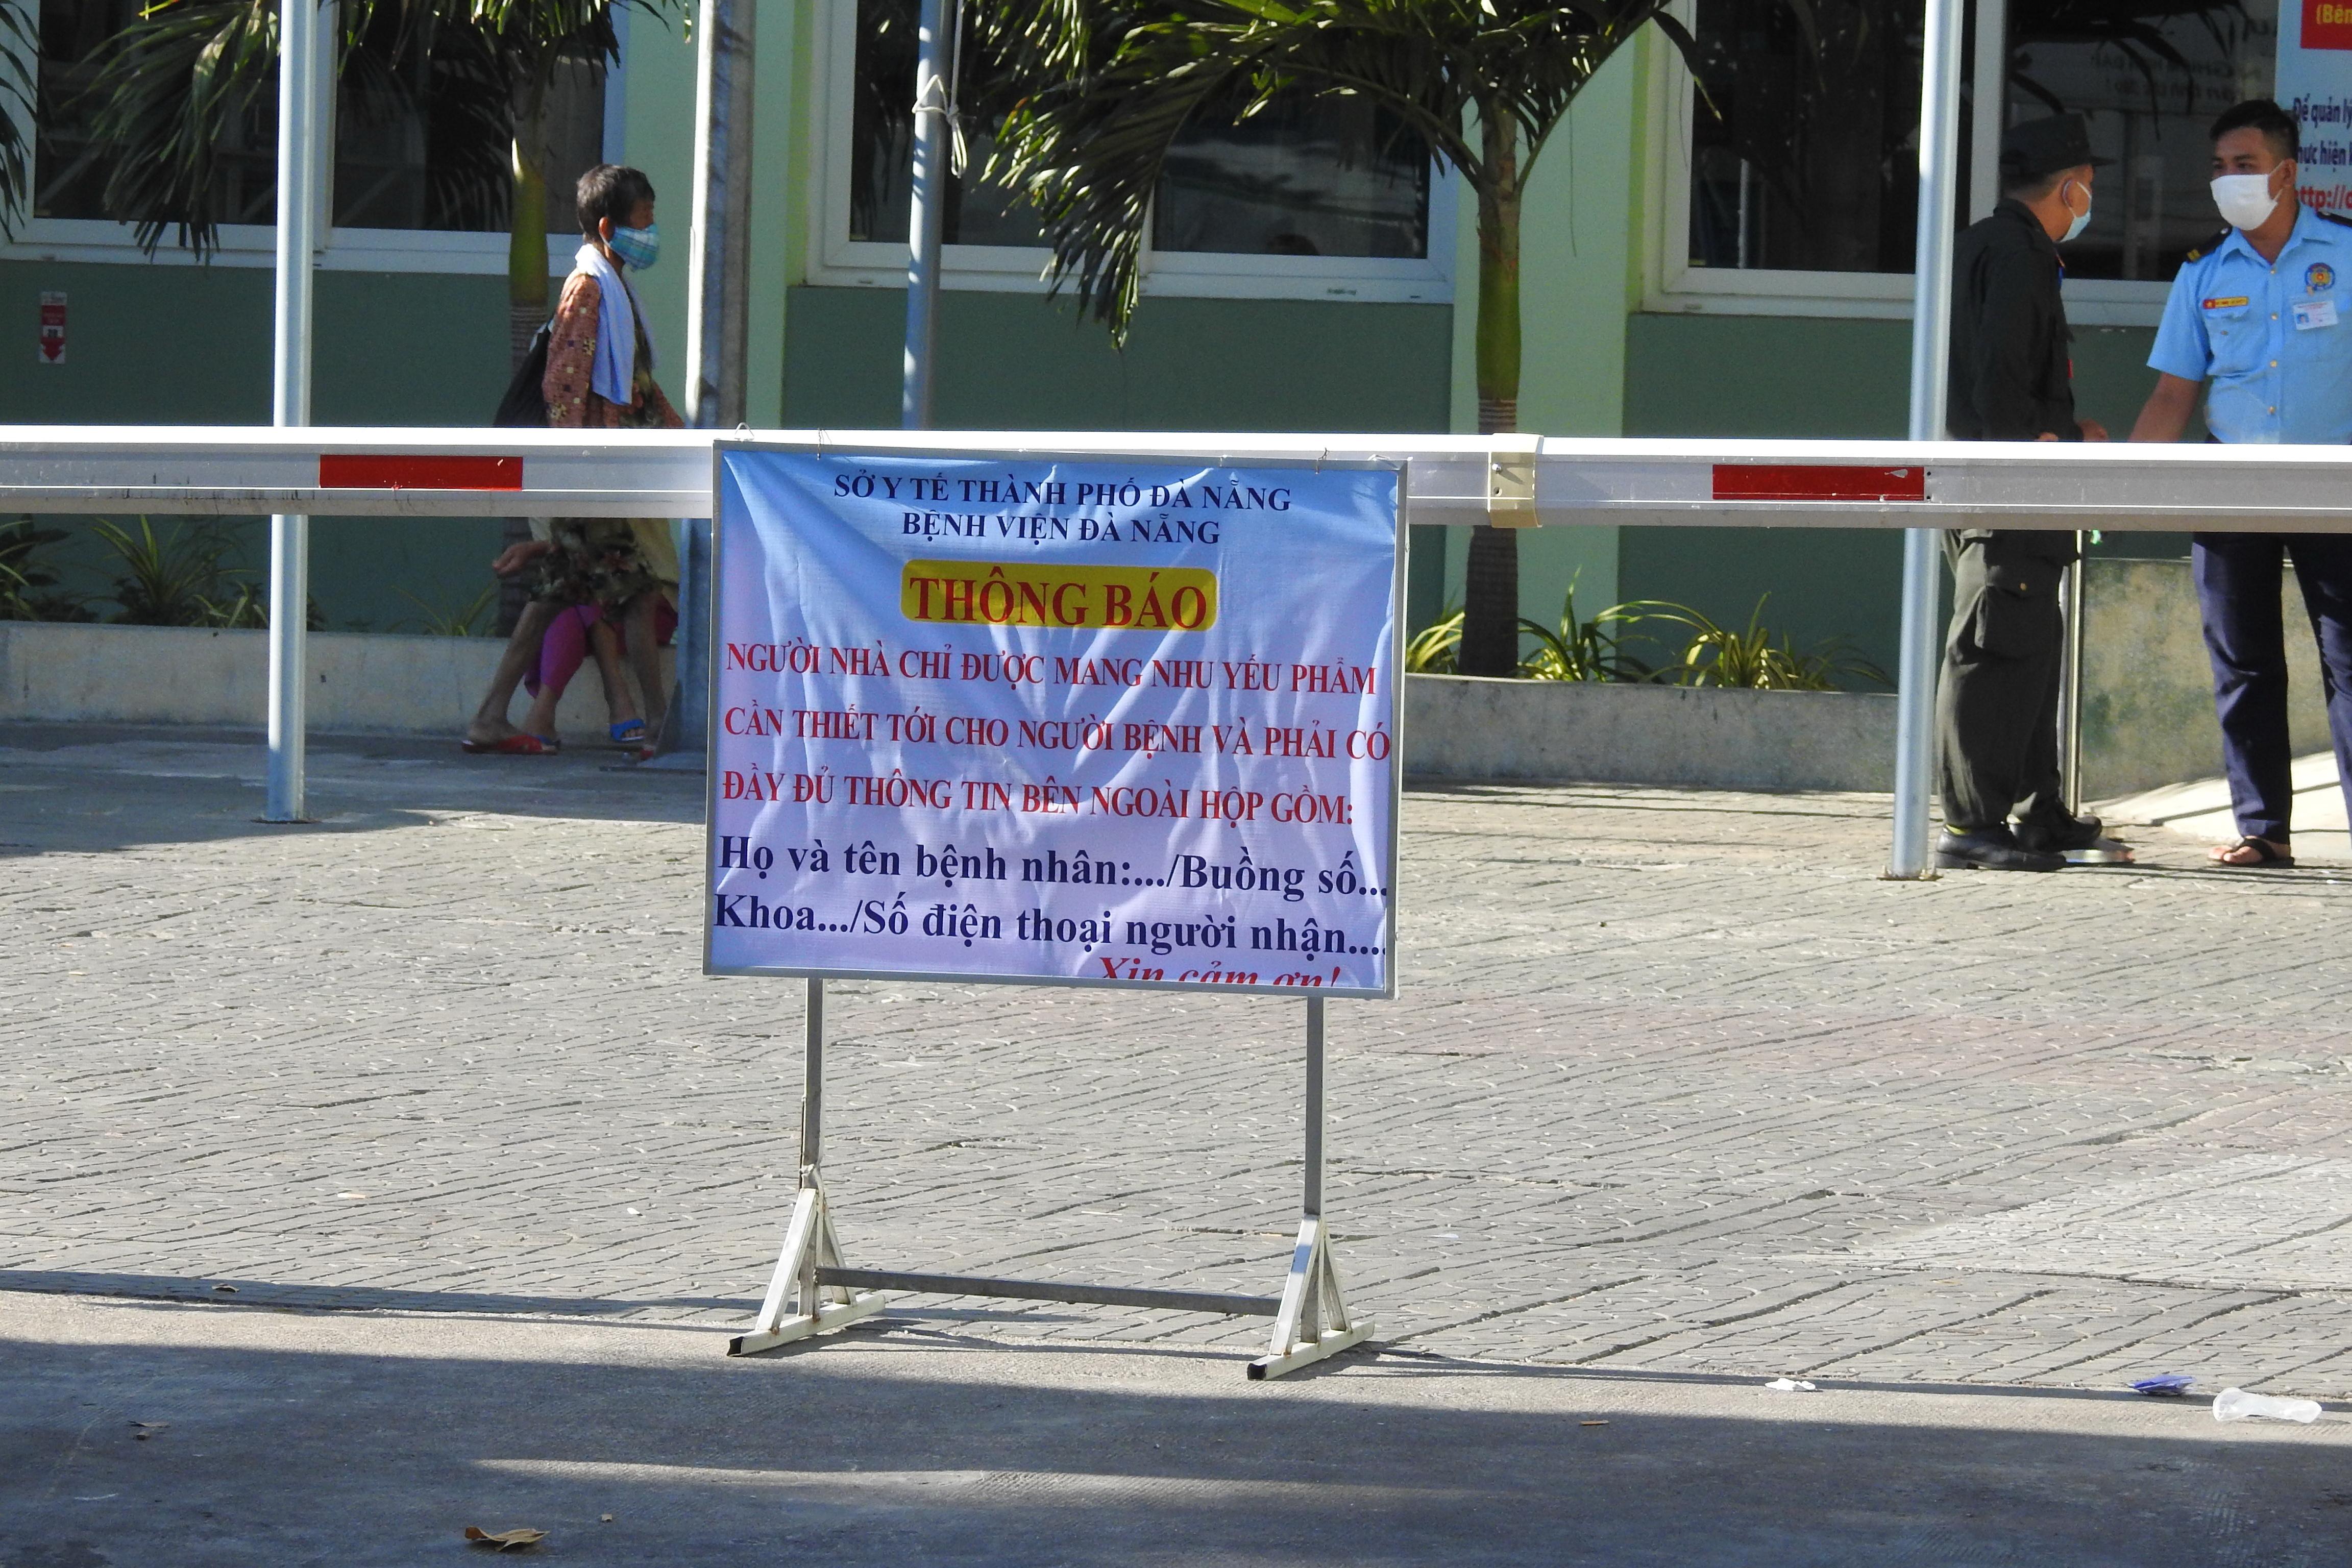 Cổng chính Bệnh viện Đà Nẵng được kiểm soát chặt chẽ với các quy định nghiêm ngặt sau lệnh cách ly toàn bộ bệnh viện kể từ 13 giờ chiều 26/7. Ảnh Thanh Tùng.